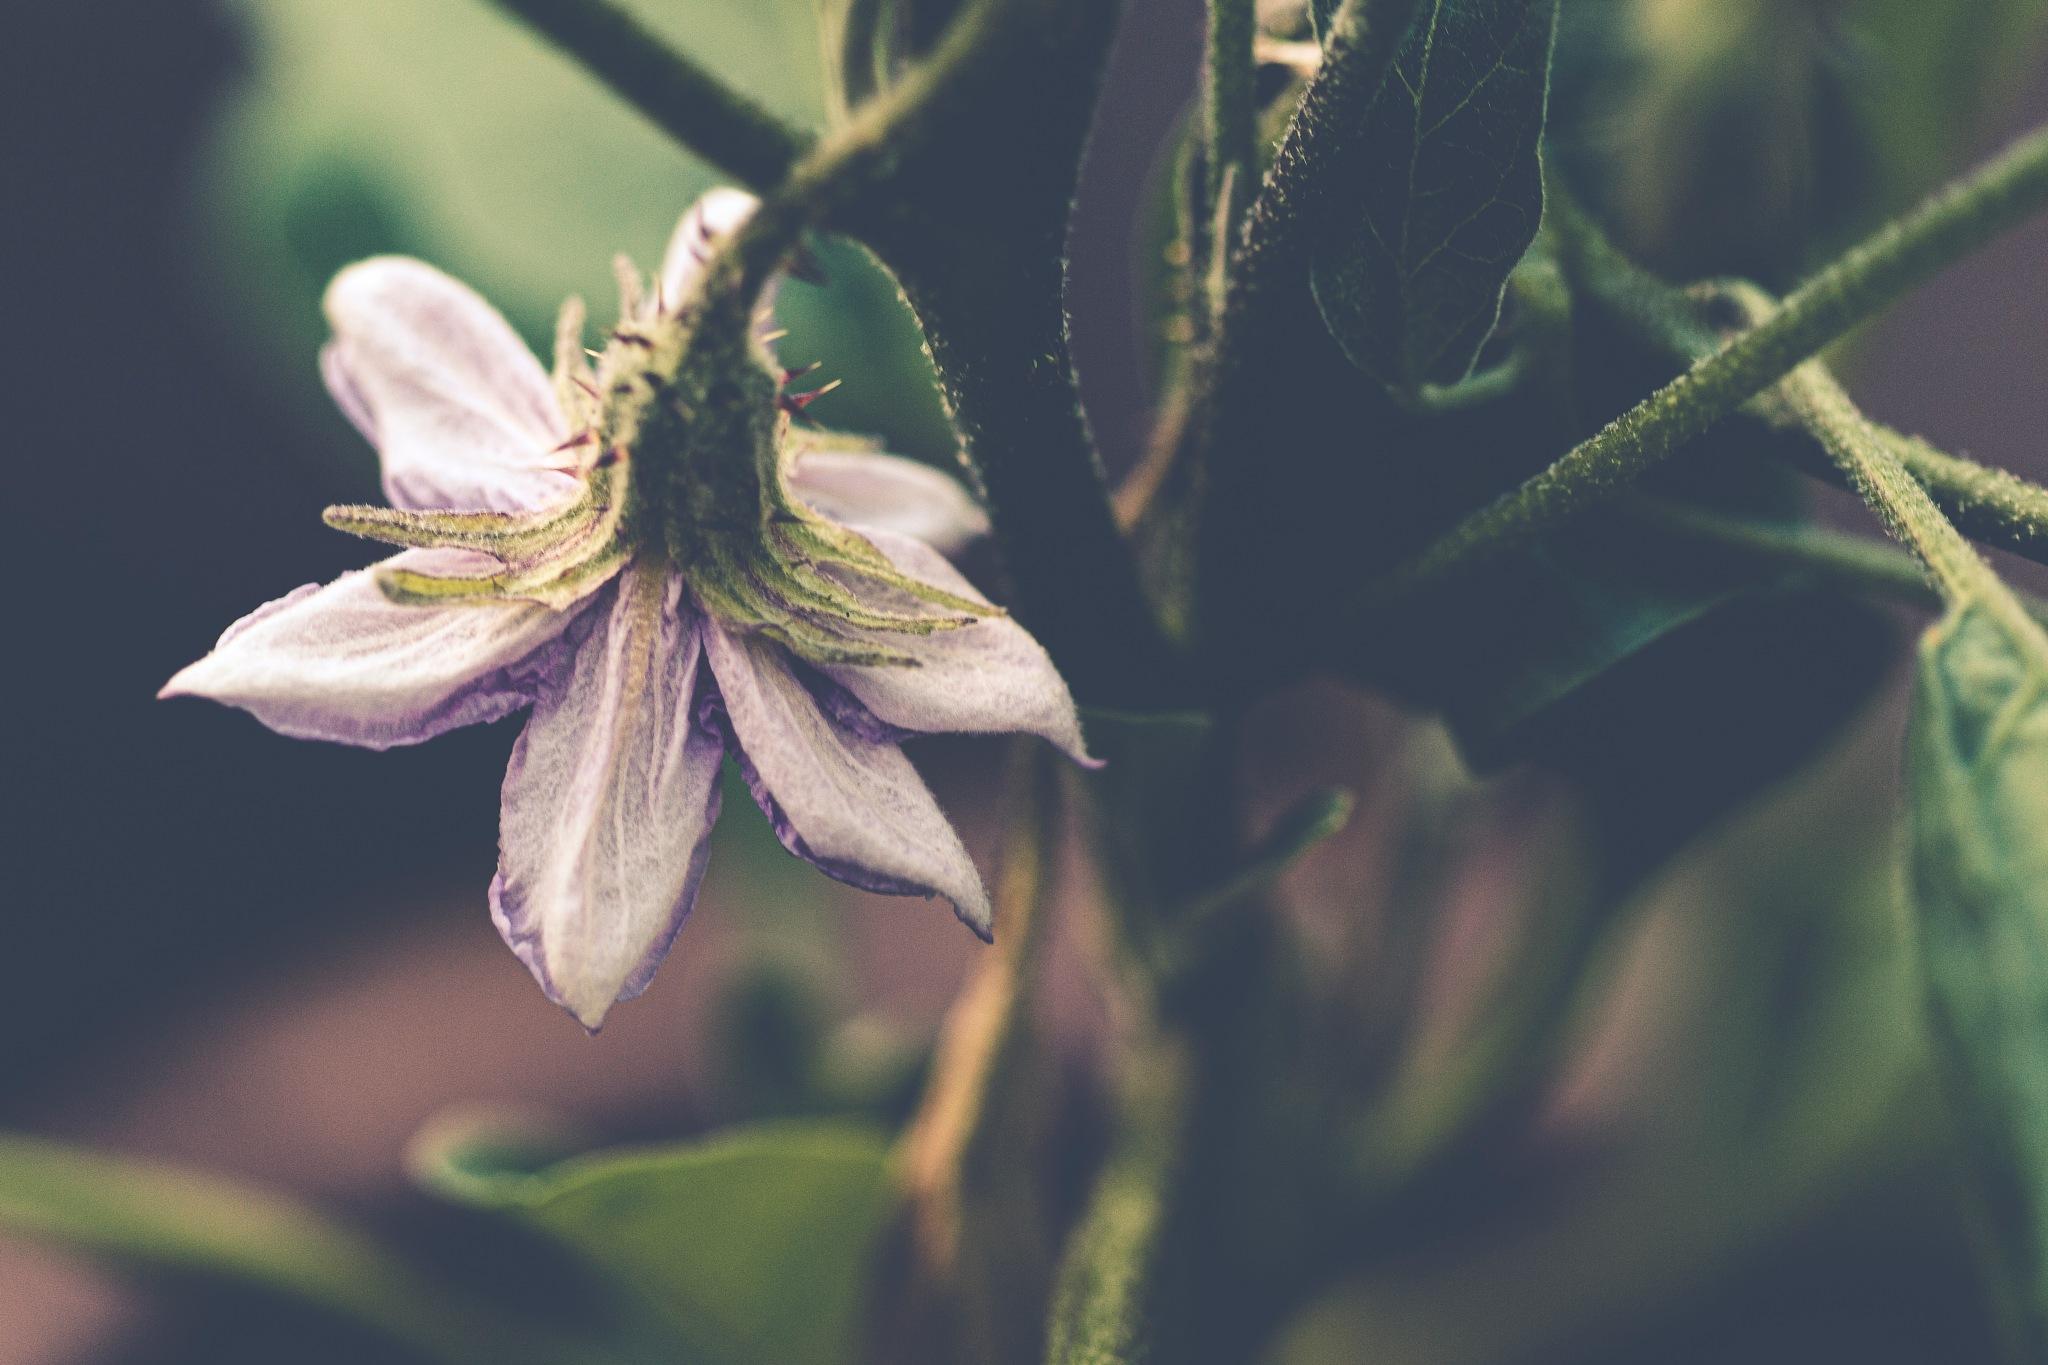 Aubergine Flower by carljan w carlsson